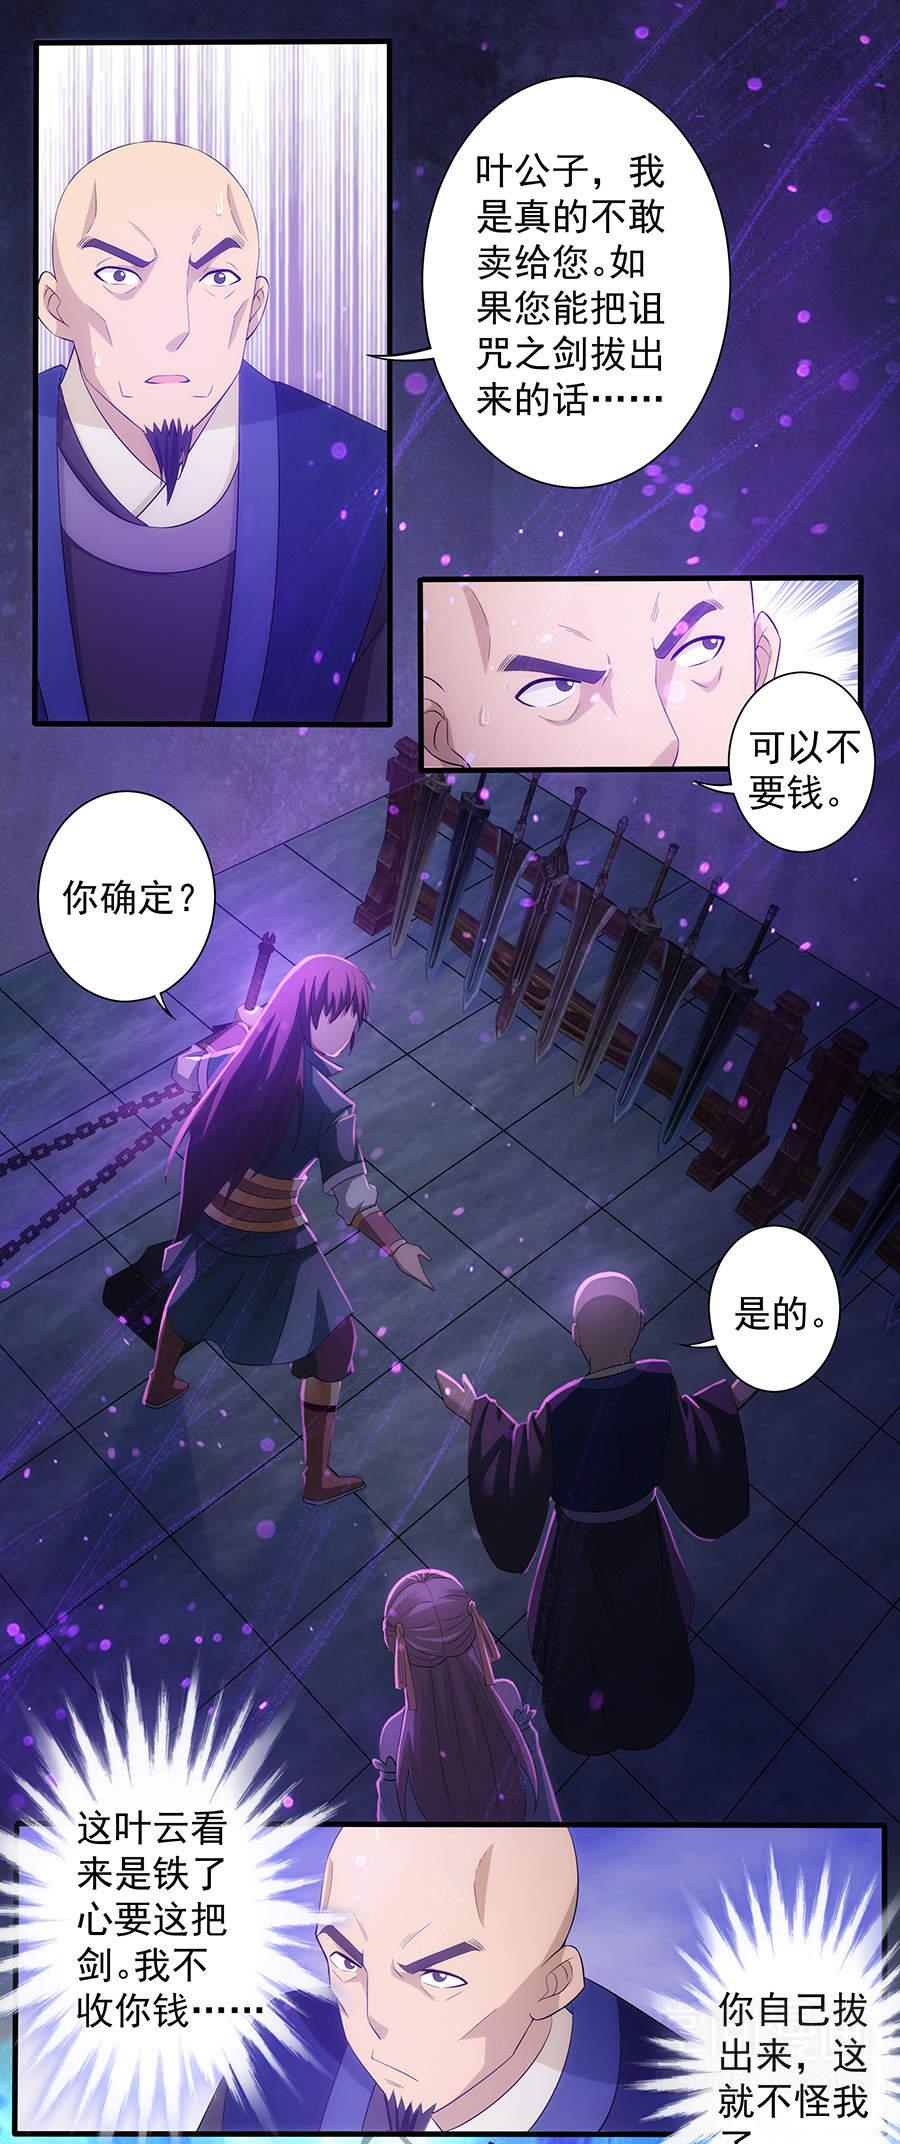 绝世剑神第20话  巨黑解封 第 5